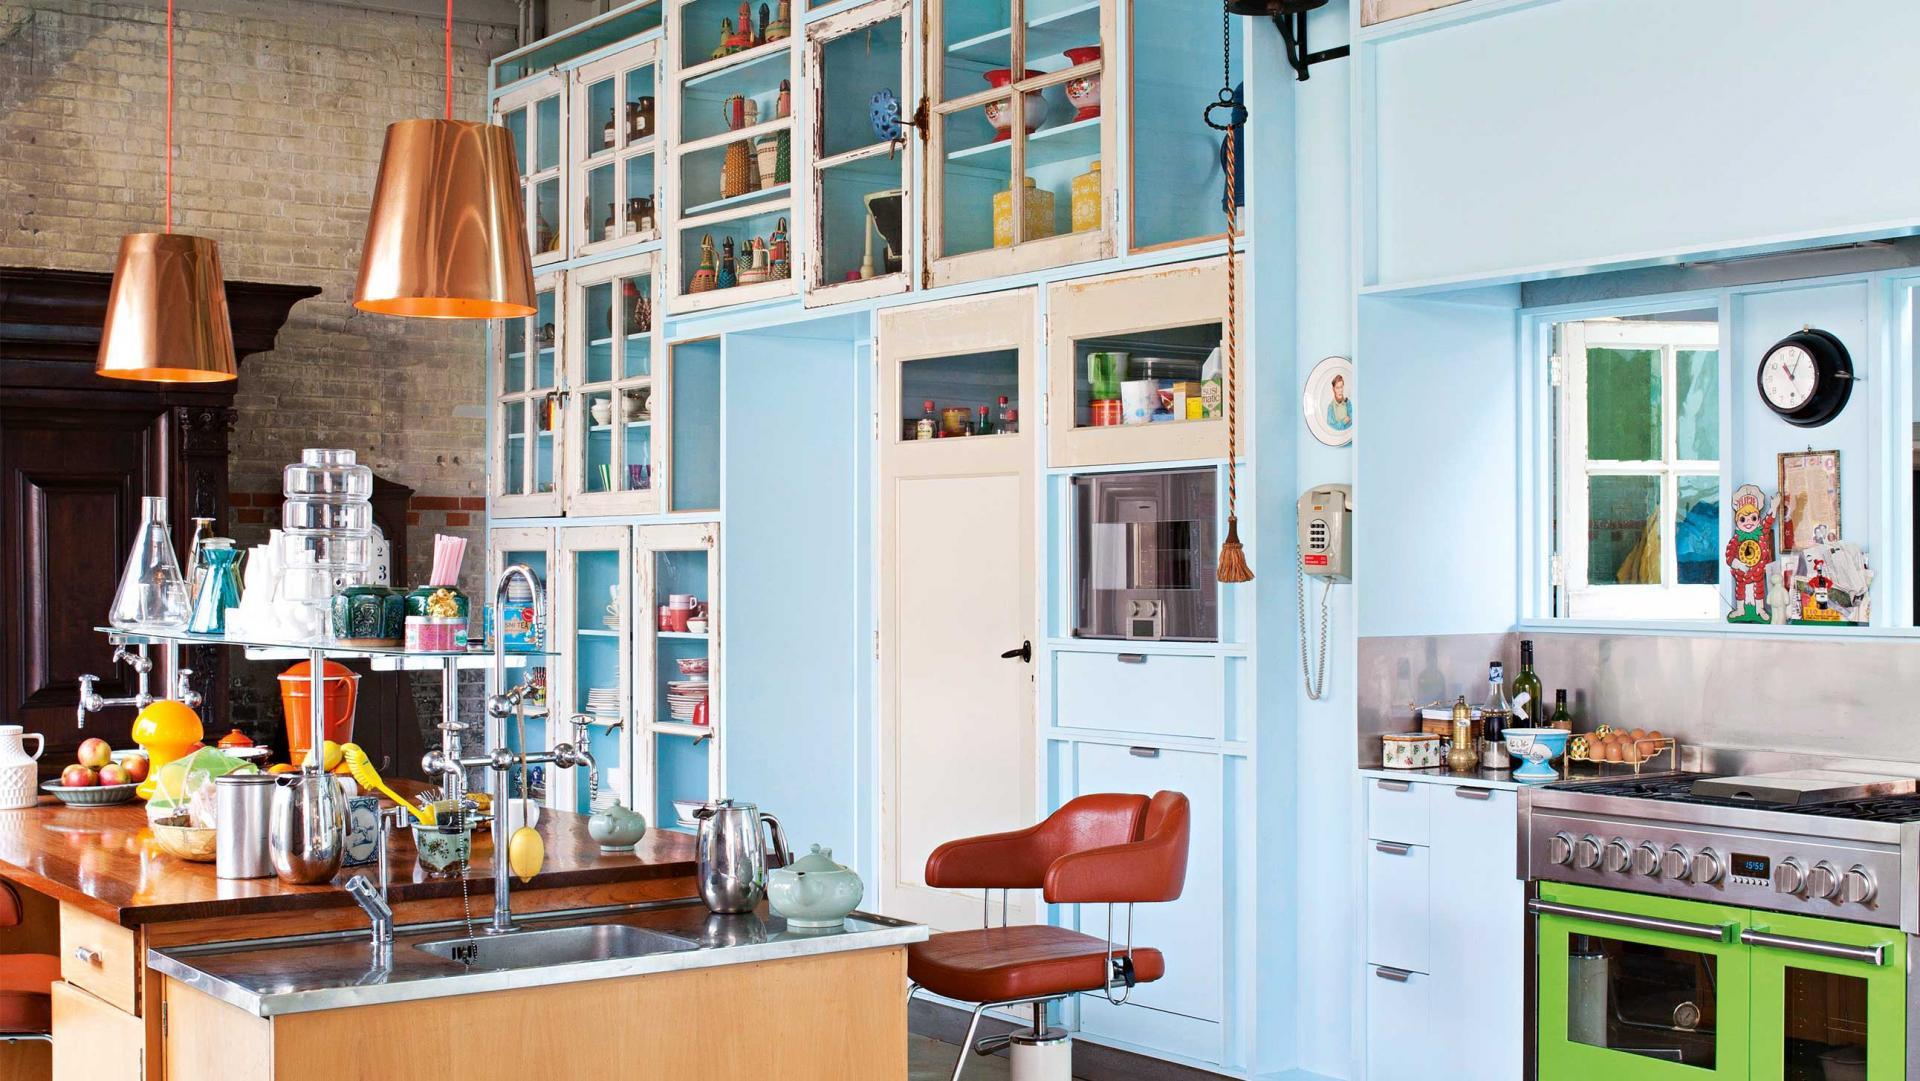 Необычная эклектичная кухня с ретро-креслом из парикмахерской